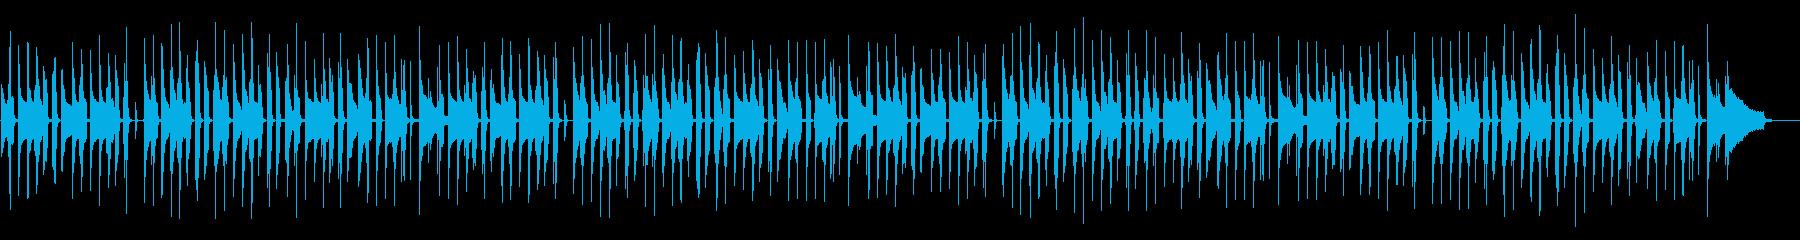 日常パートや探索パートの曲の再生済みの波形